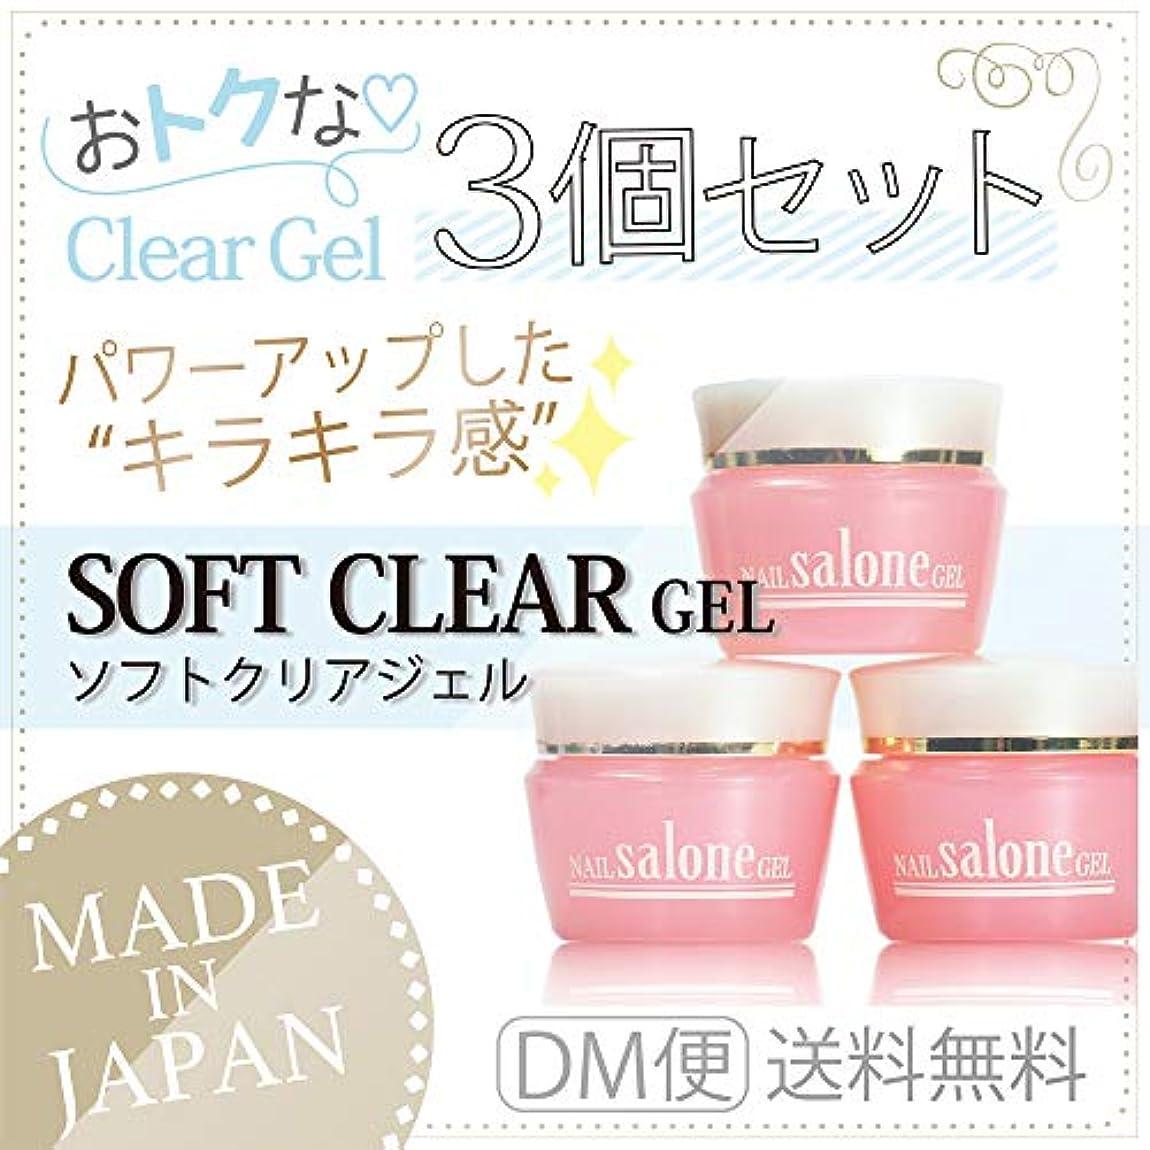 カポックエミュレーション優越Salone gel サローネ ソフトクリアージェル お得な3個セット ツヤツヤ キラキラ感持続 抜群のツヤ 爪に優しい日本製 3g